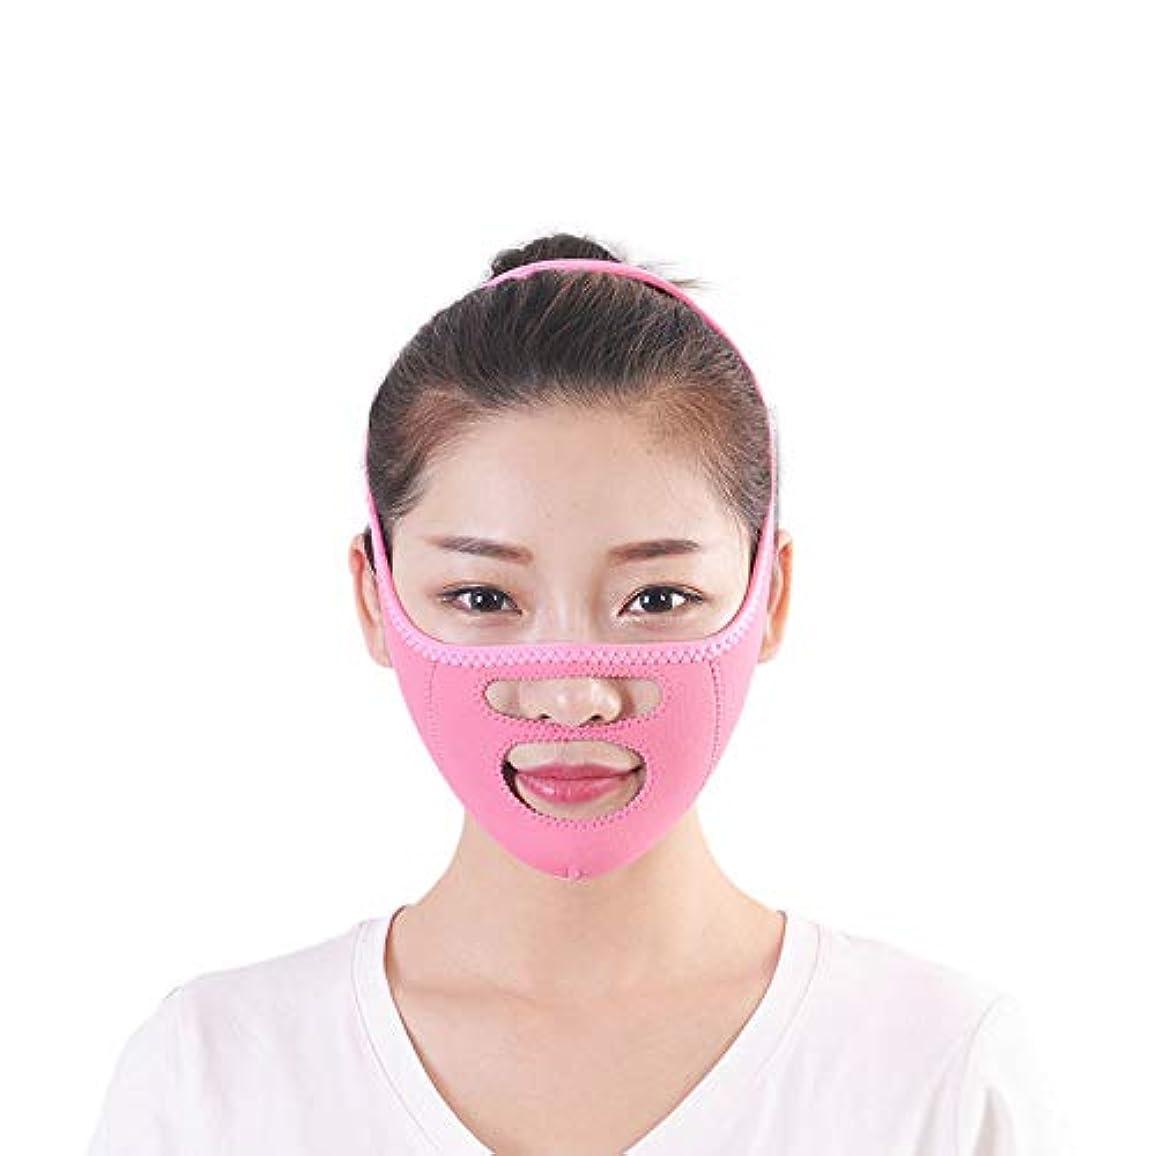 二重あごの顔の減量の緩和を改善するためのフェイスリフティングアーチファクトマスク、ビームフェイス包帯/小型Vフェイスリフティングタイト補正,Blue